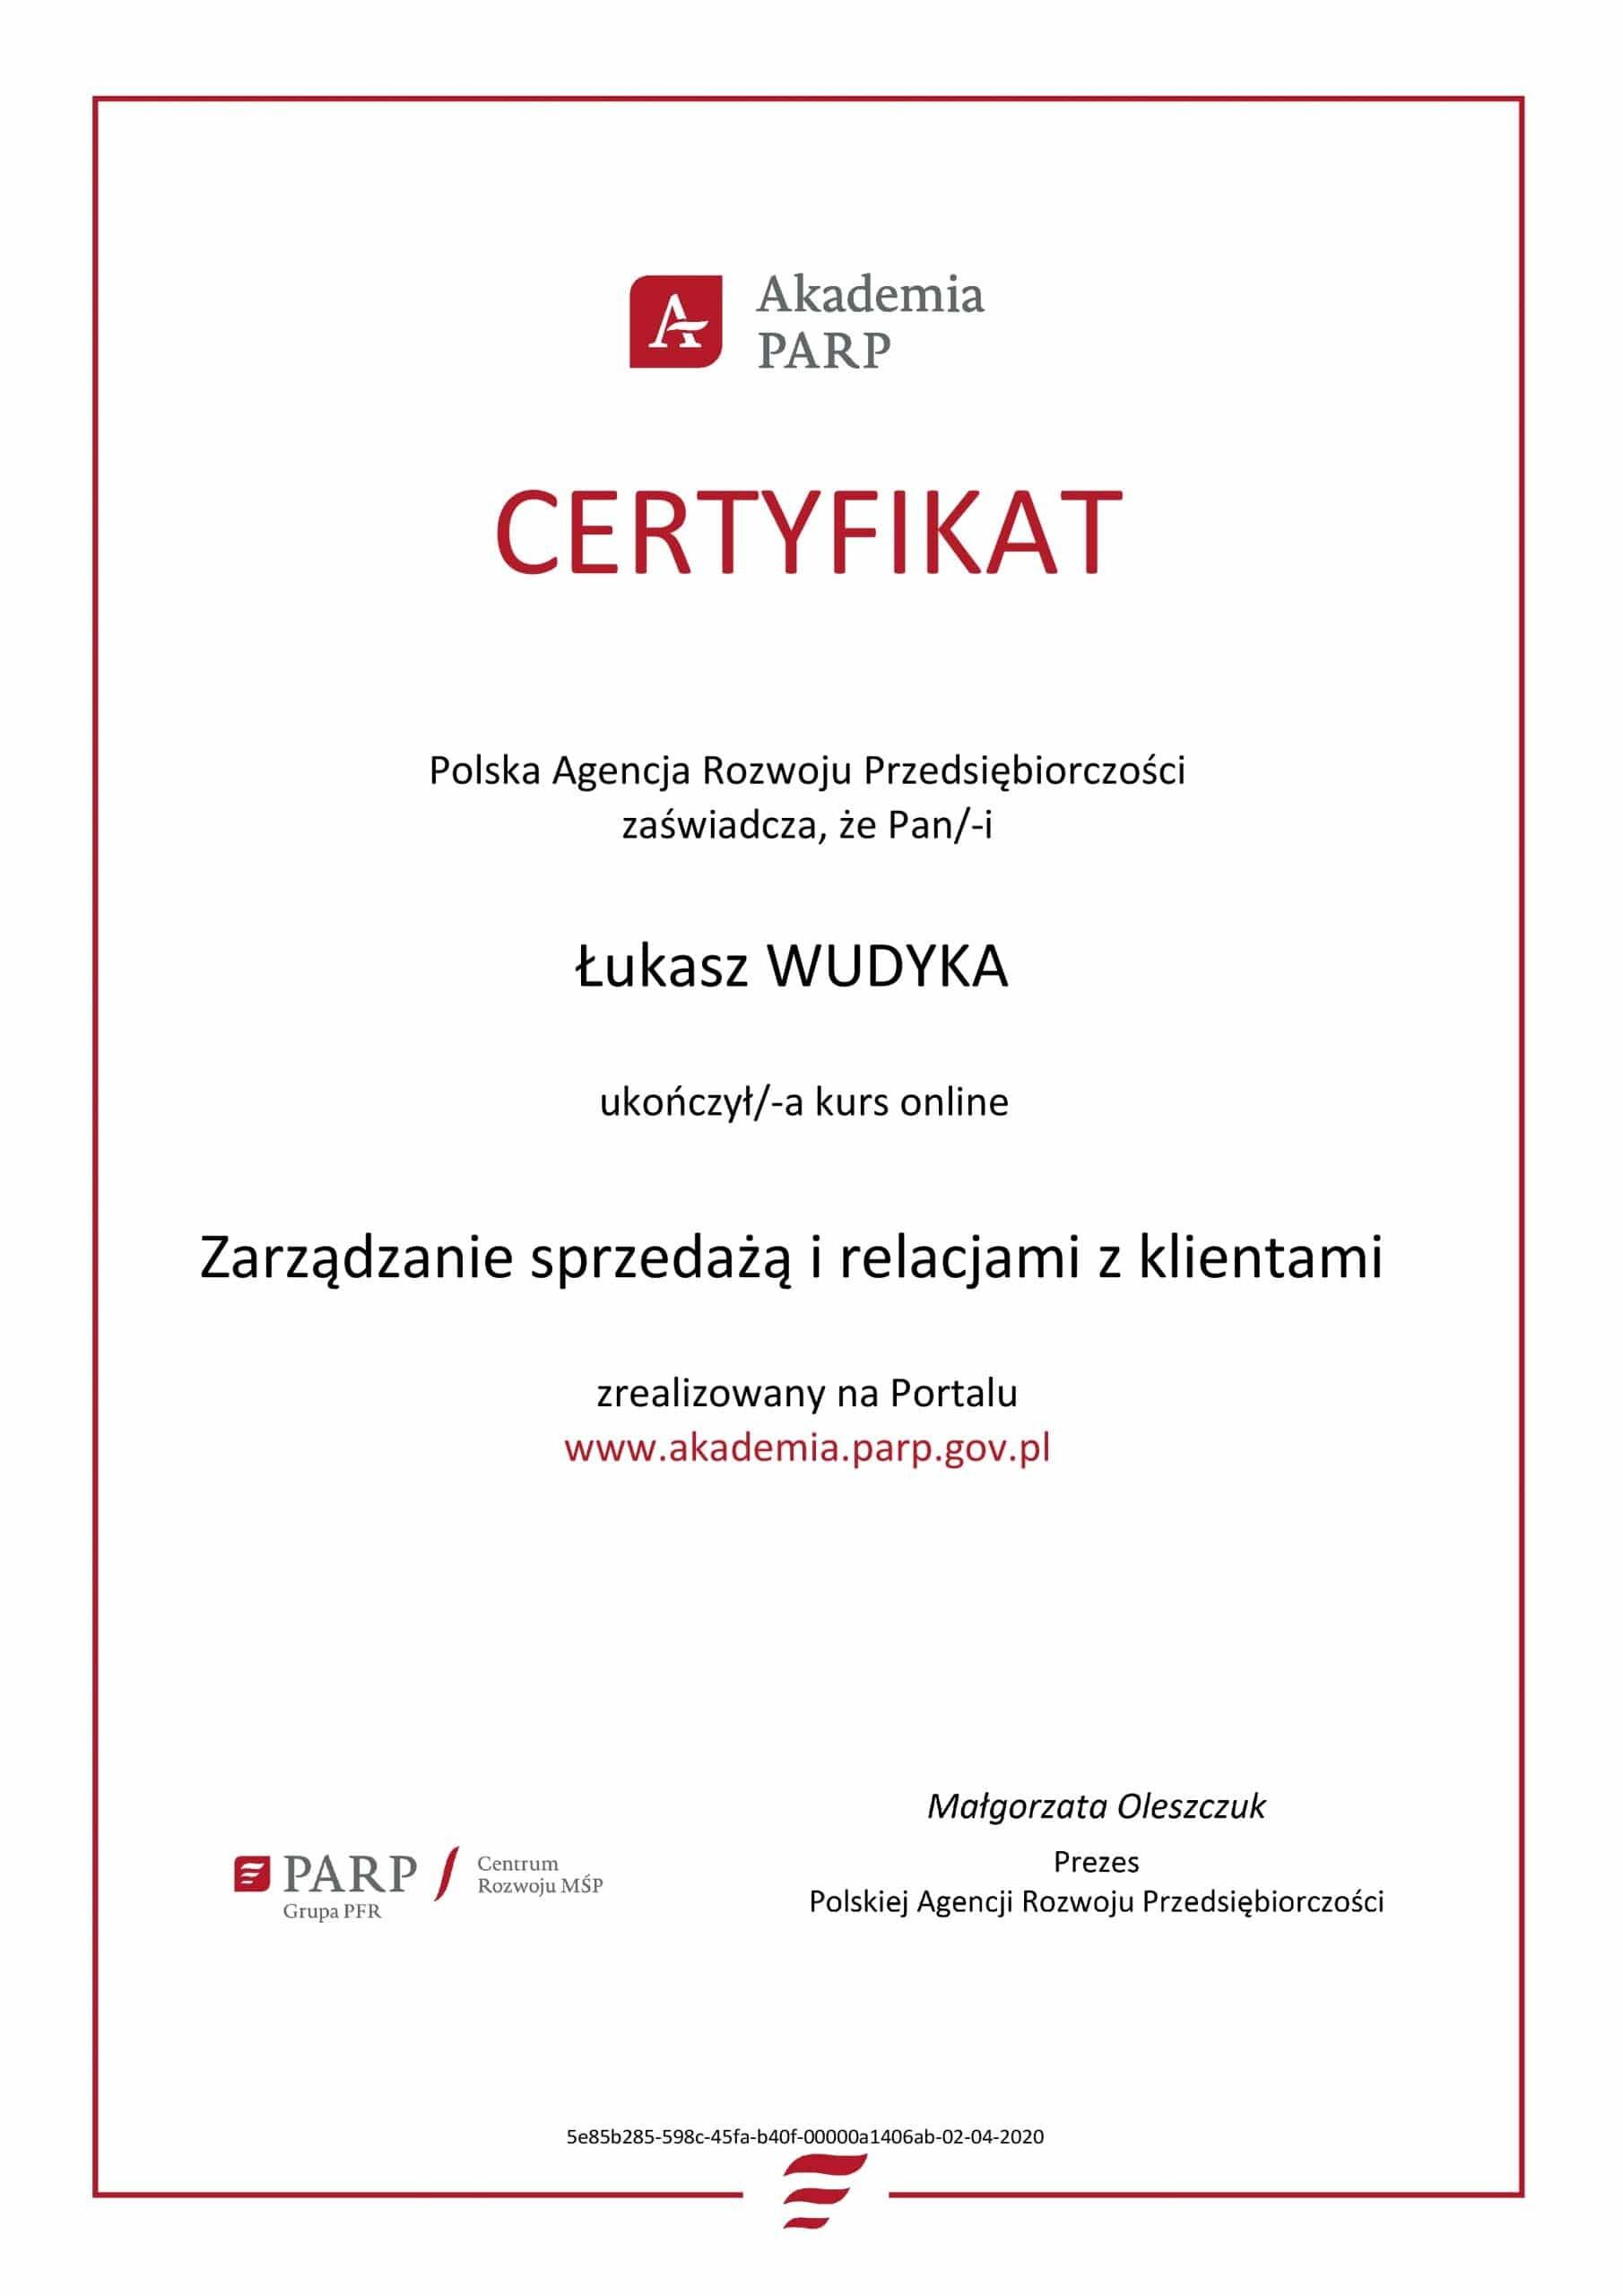 Łukasz Wudyka certyfikat Zarządzanie sprzedażą i relacjami z klientami - Akademia PARP